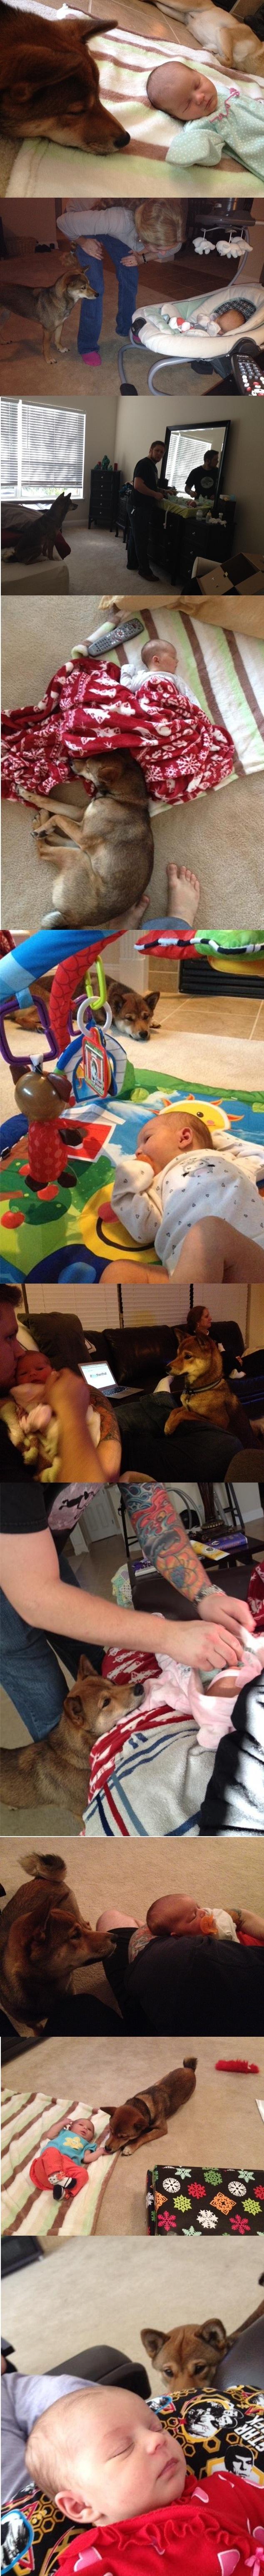 Собака решила, что новорожденный ребенок её, и теперь не отходит от него